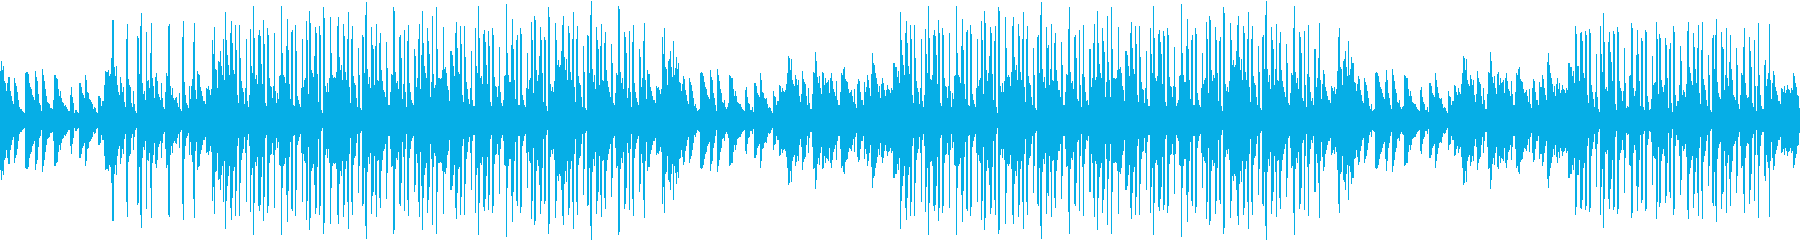 ピアノ・お洒落・綺麗・センチ・夜・ループの再生済みの波形